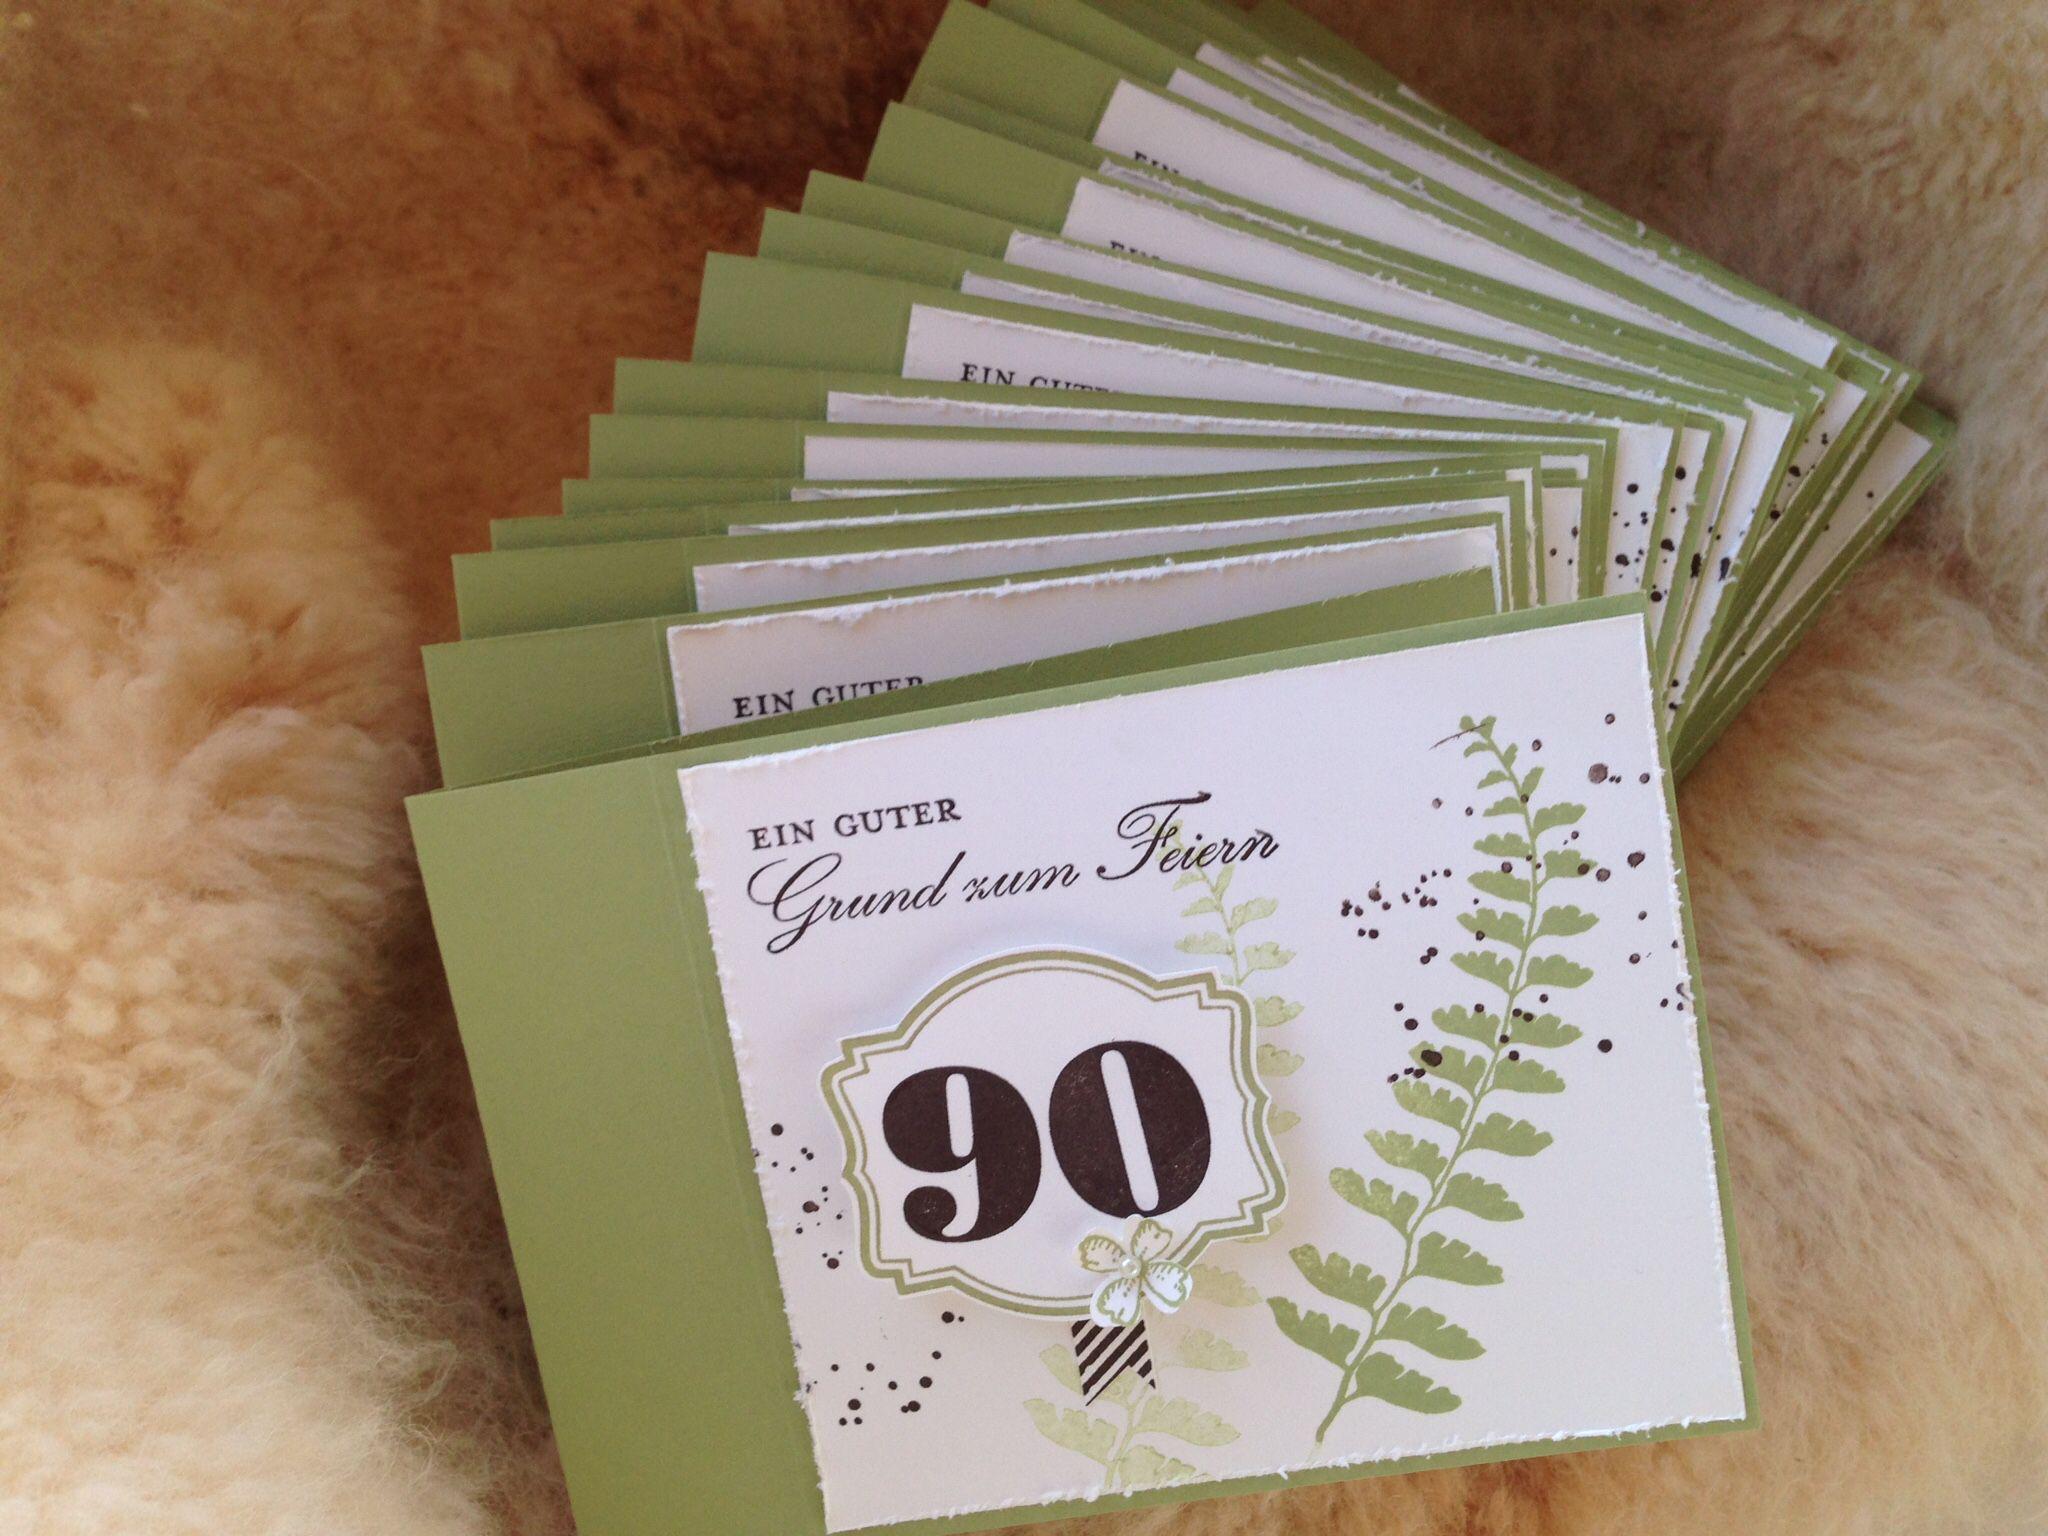 Einladung Zum 90 Geburtstag Basteln Pinterest Zum 90